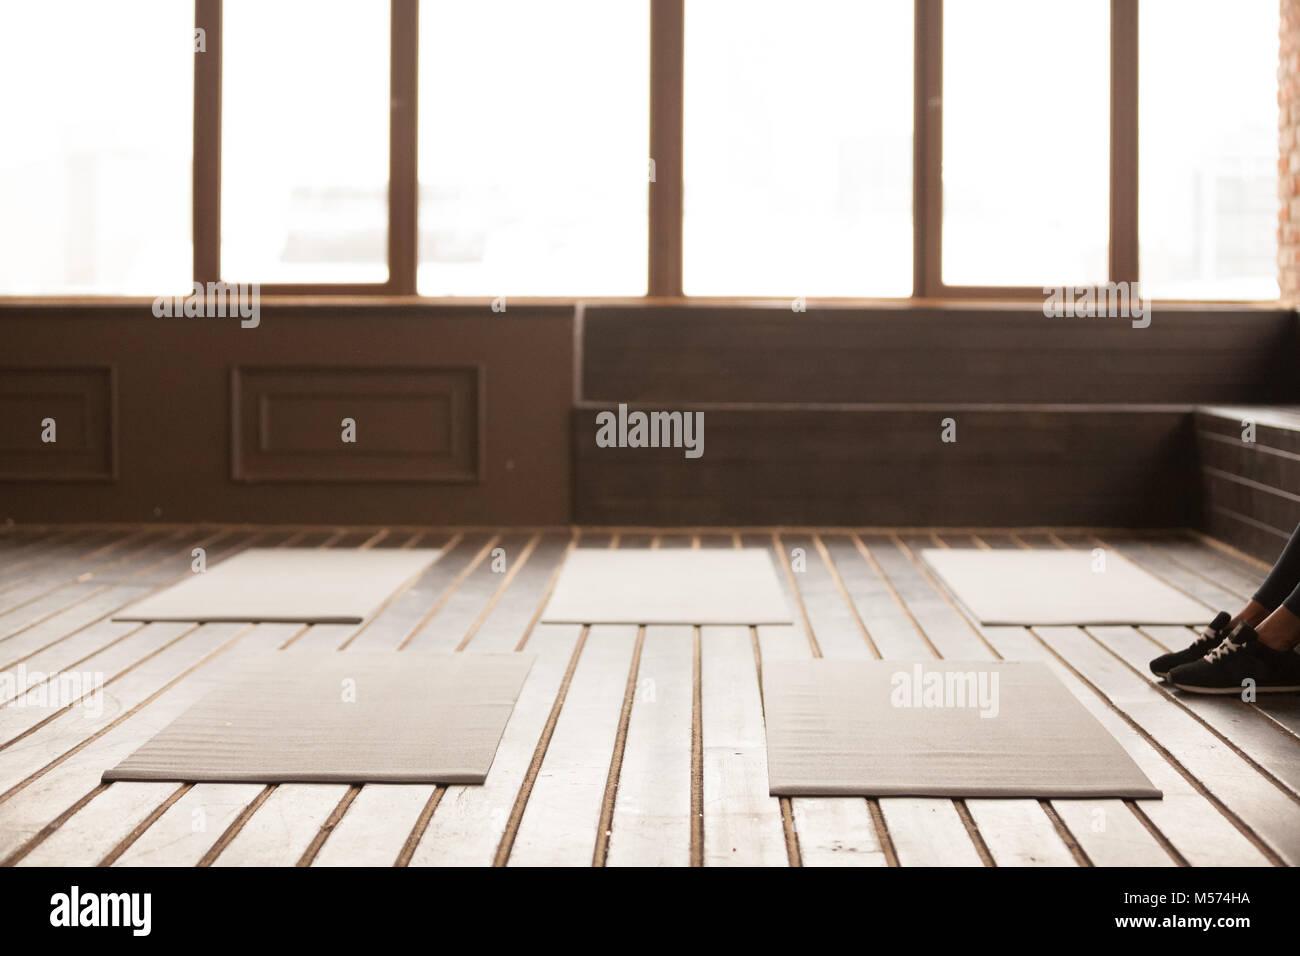 Studio con Materassini da yoga sul pavimento in legno per la formazione di gruppo Immagini Stock